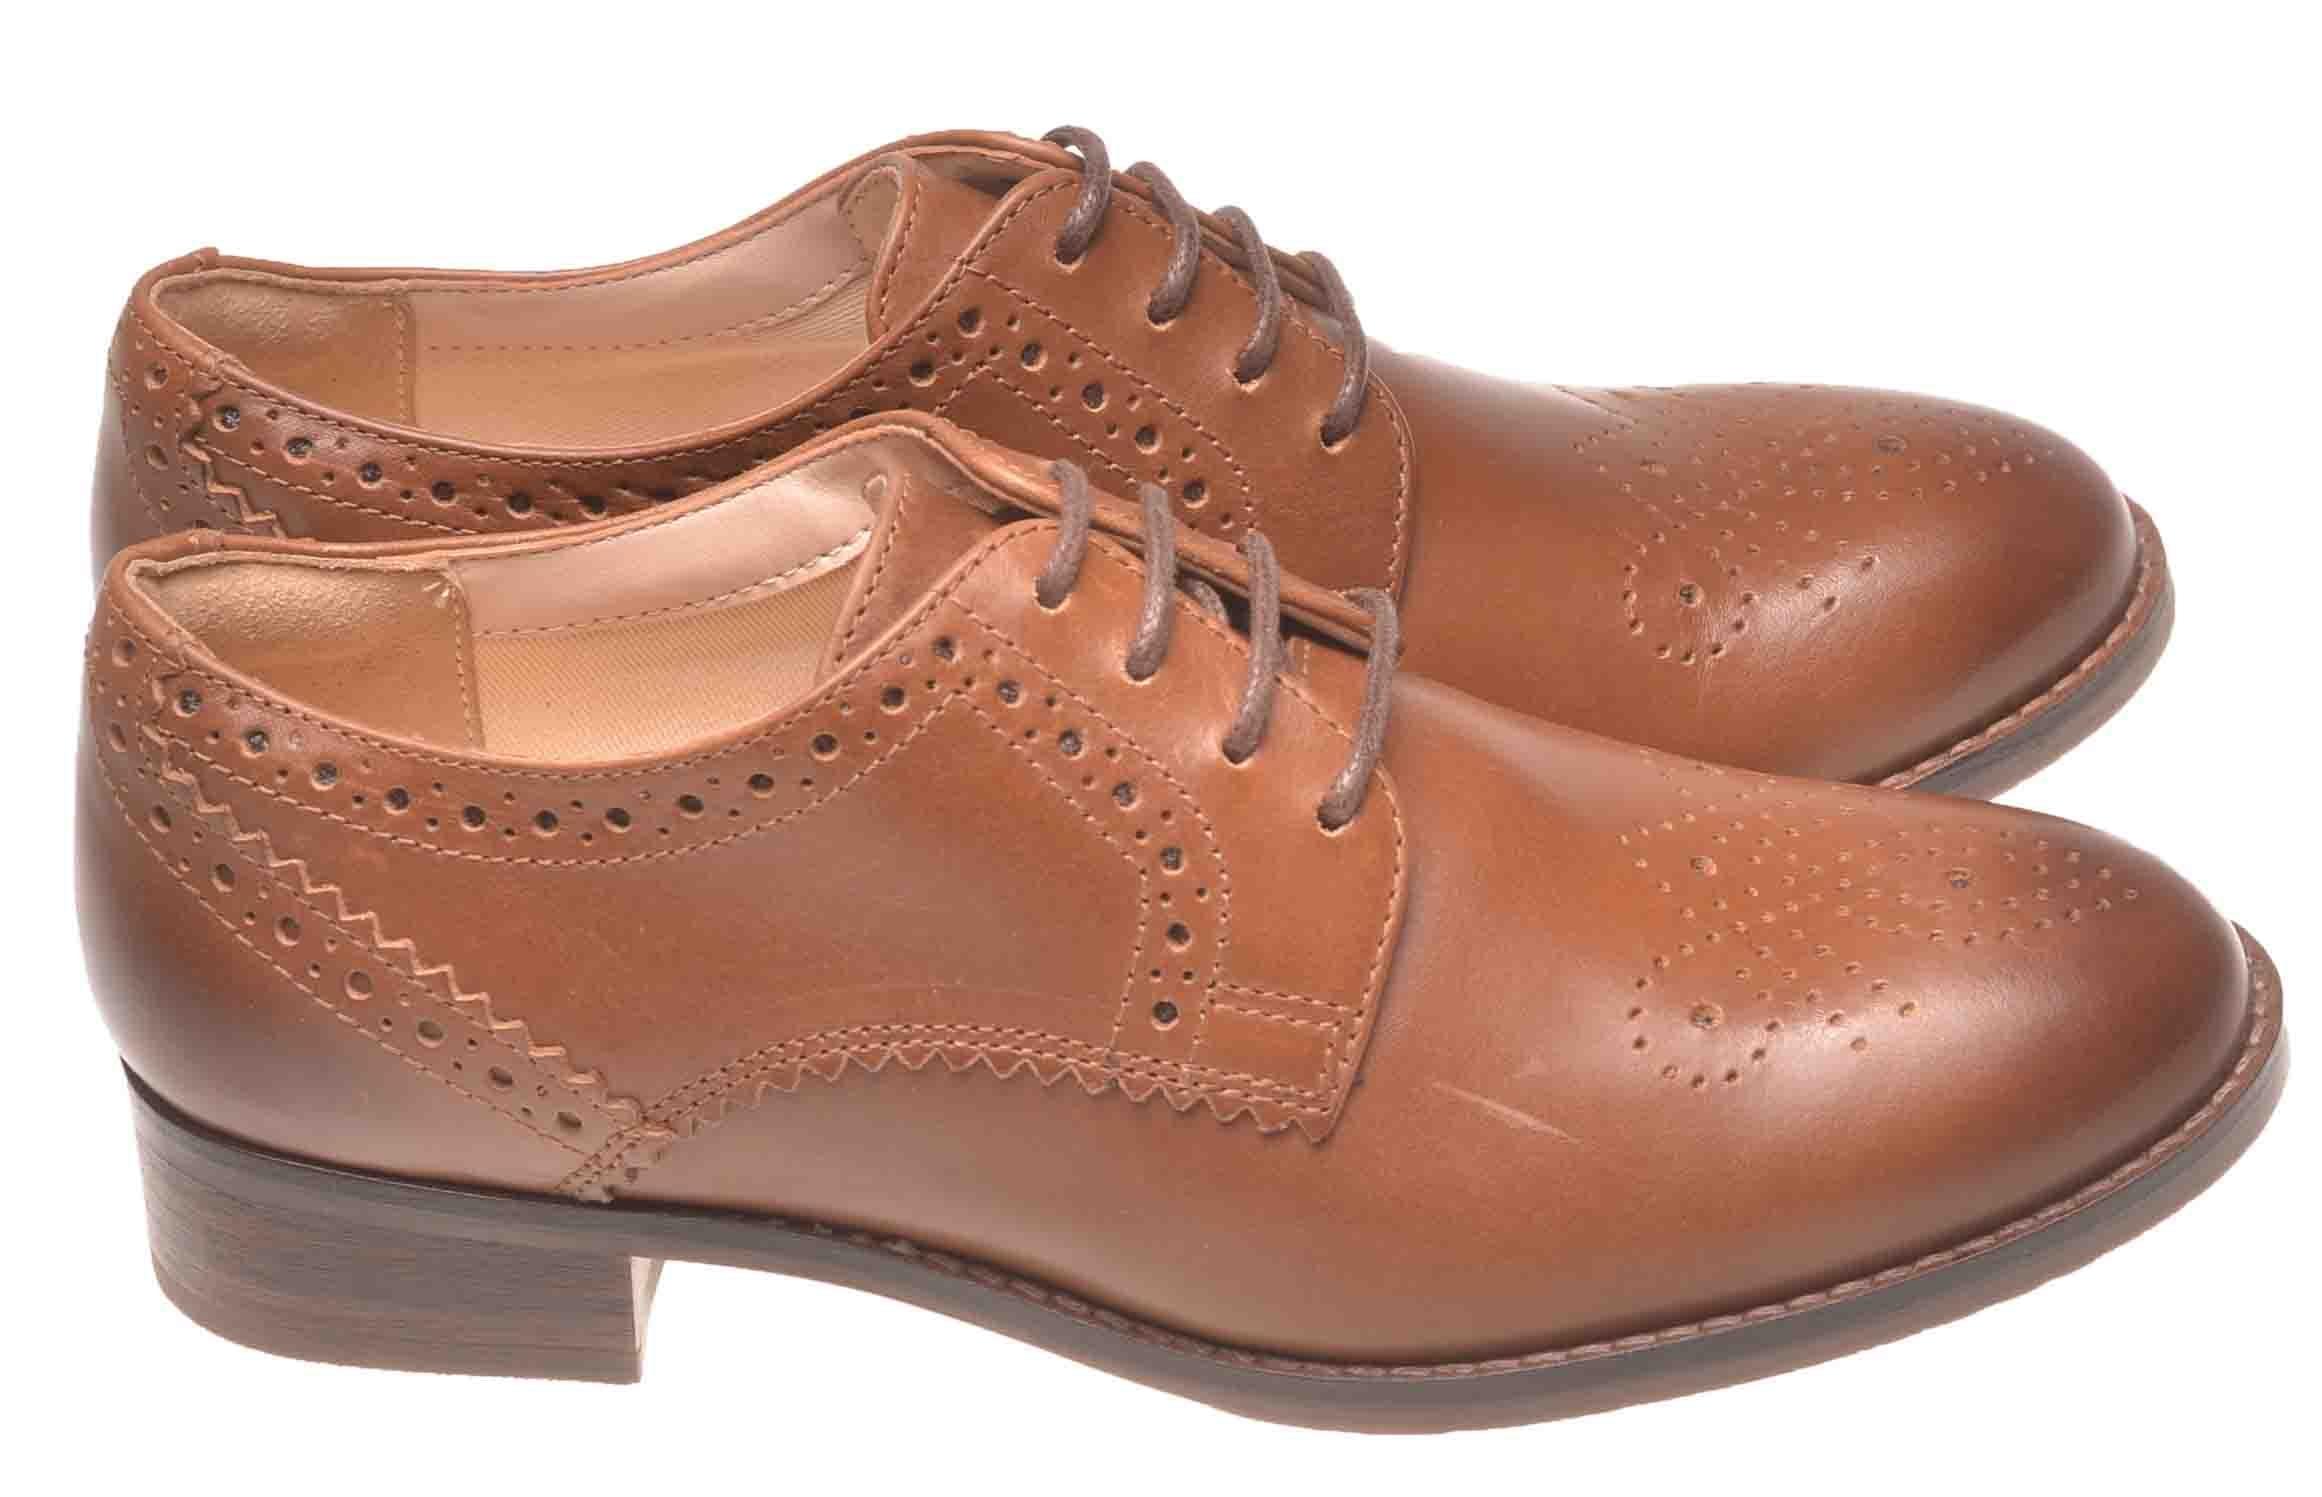 WYPRZEDAŻ!! CLARKS NETLEY ROSE Tan Leather 40